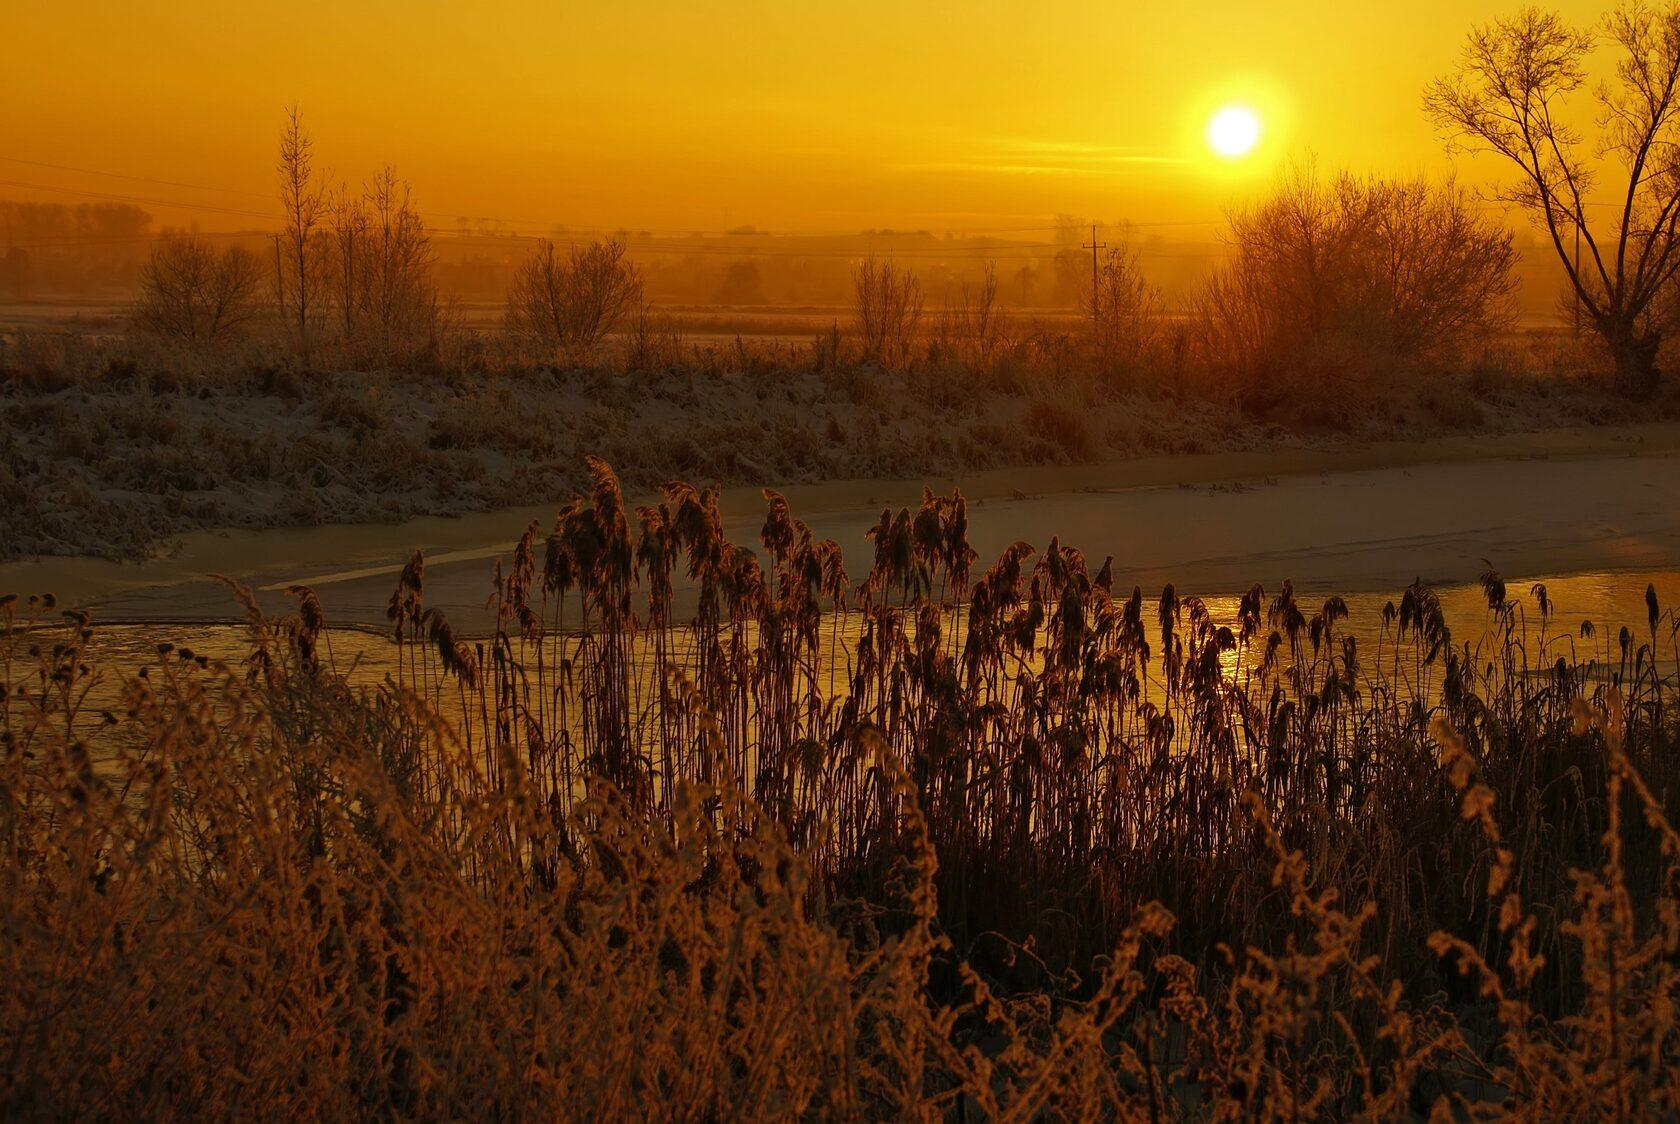 Потрясающий снимок, сделанный на закате солнца